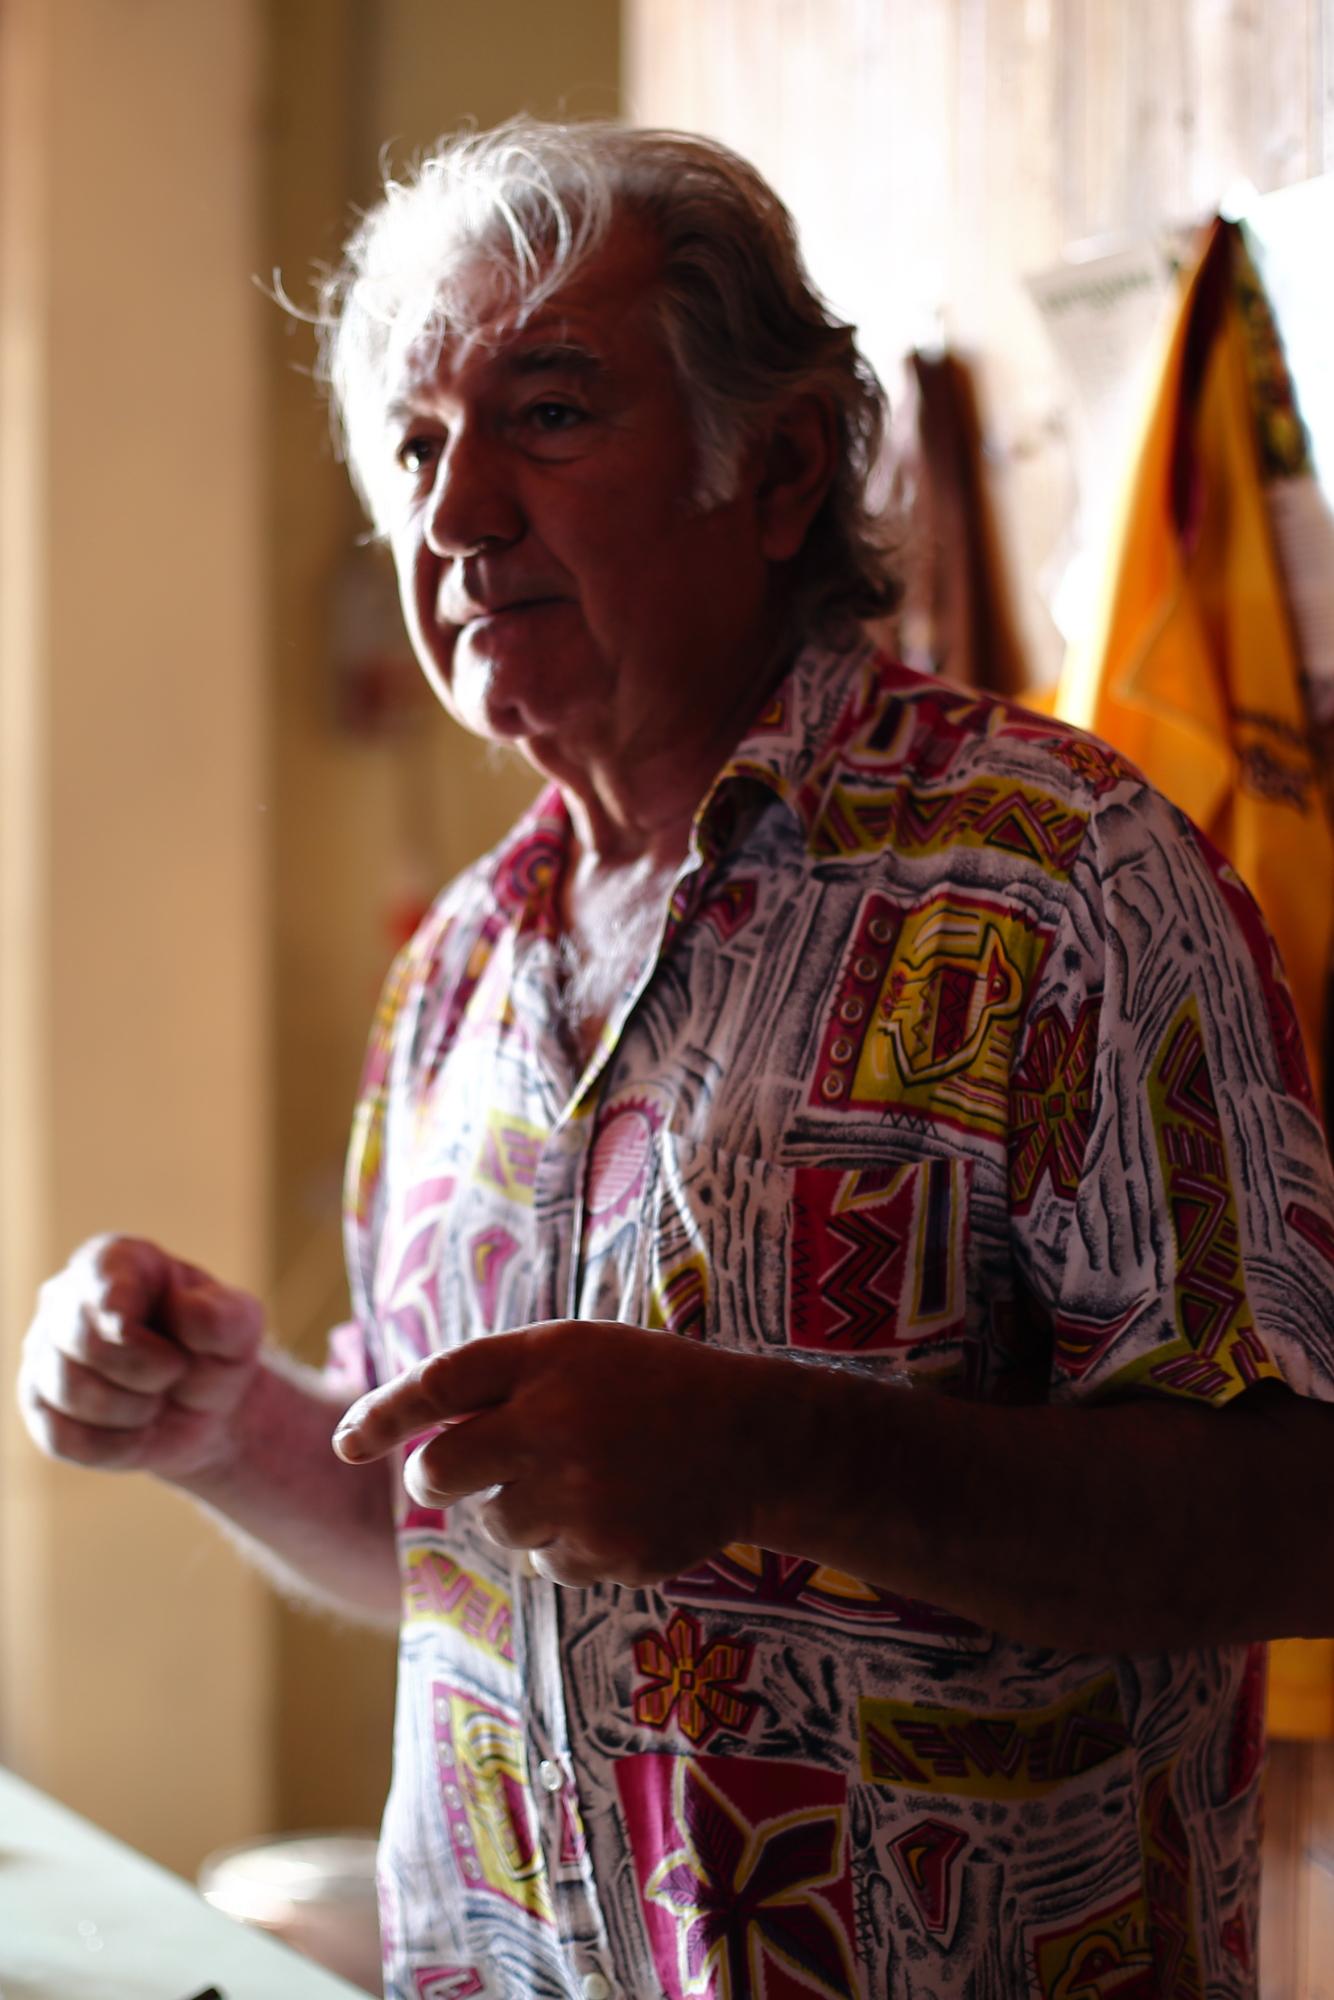 Vittorio Graziano